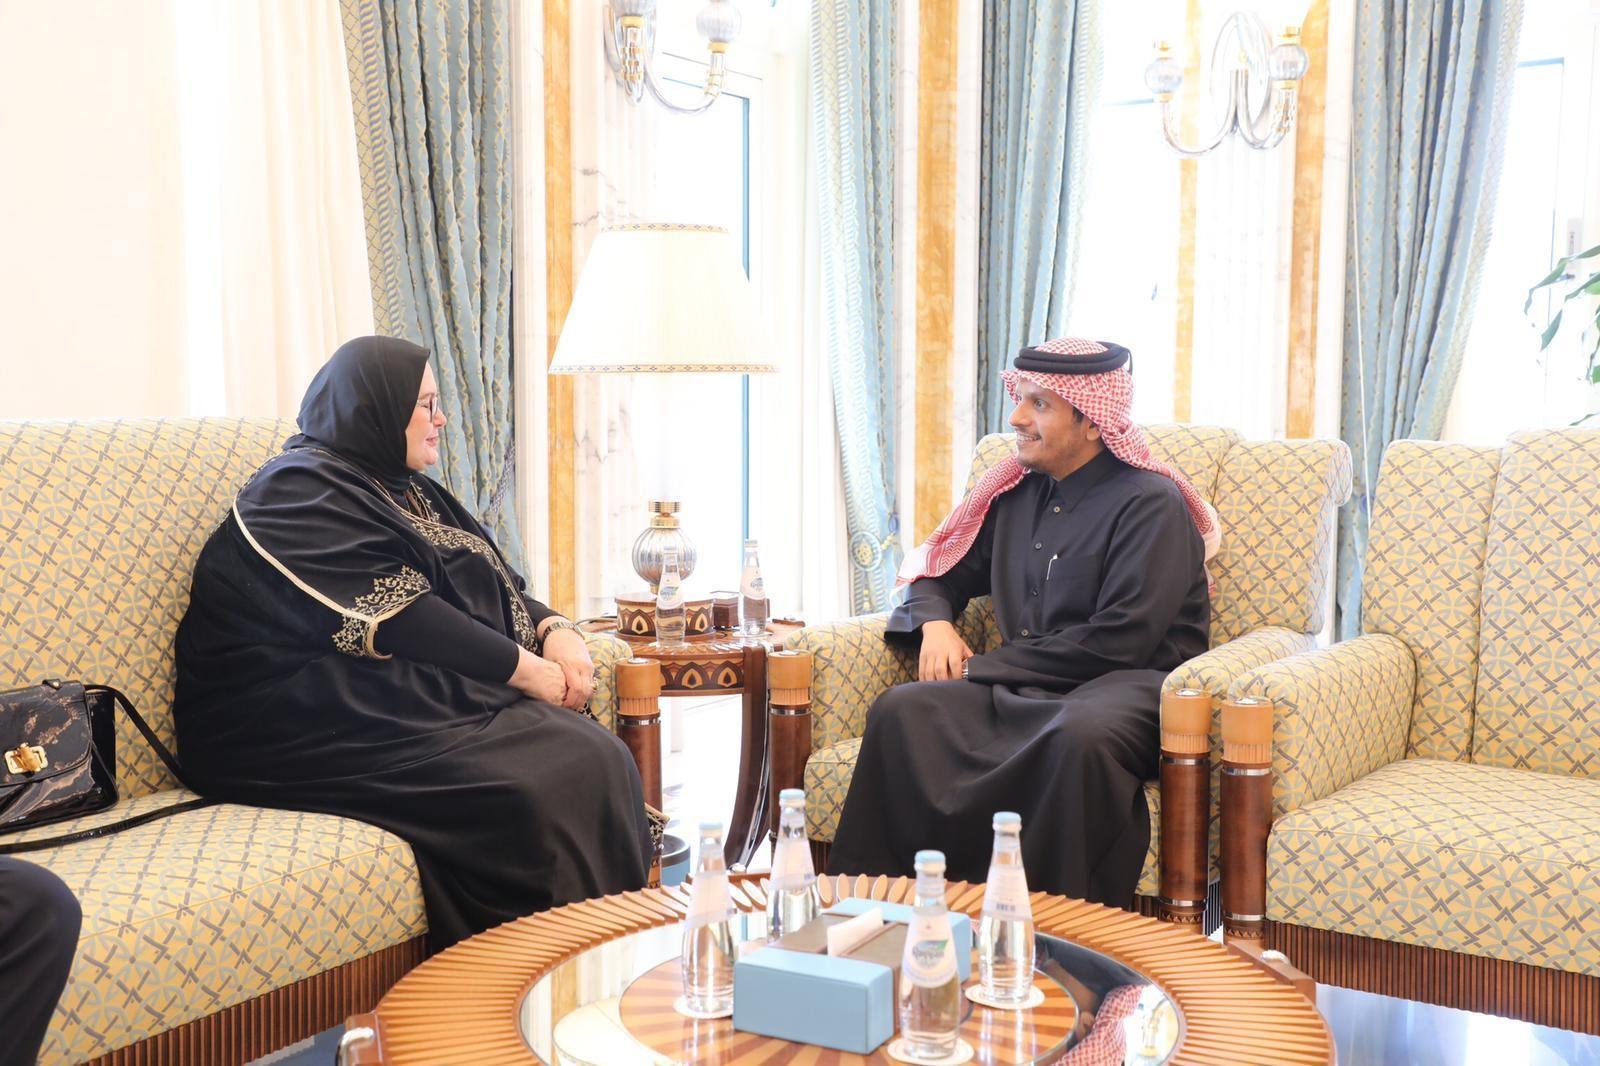 نائب رئيس مجلس الوزراء وزير الخارجية يجتمع مع سفيرة البوسنة والهرسك